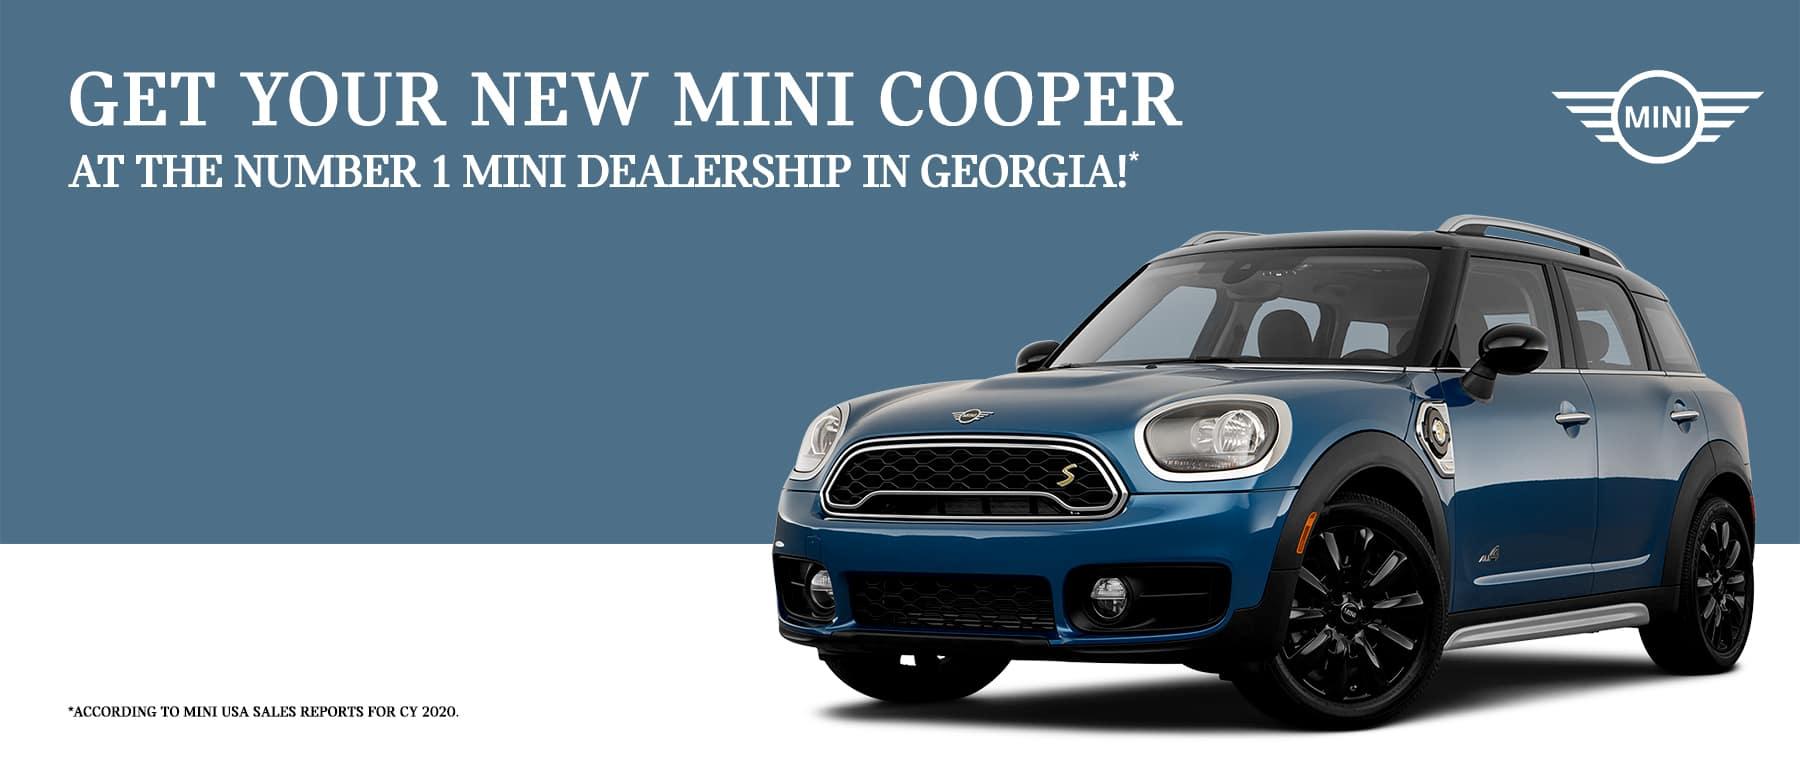 MOG Mini-Apr21_TR_New Vehicle Incentives 1800x760_0002_new mini